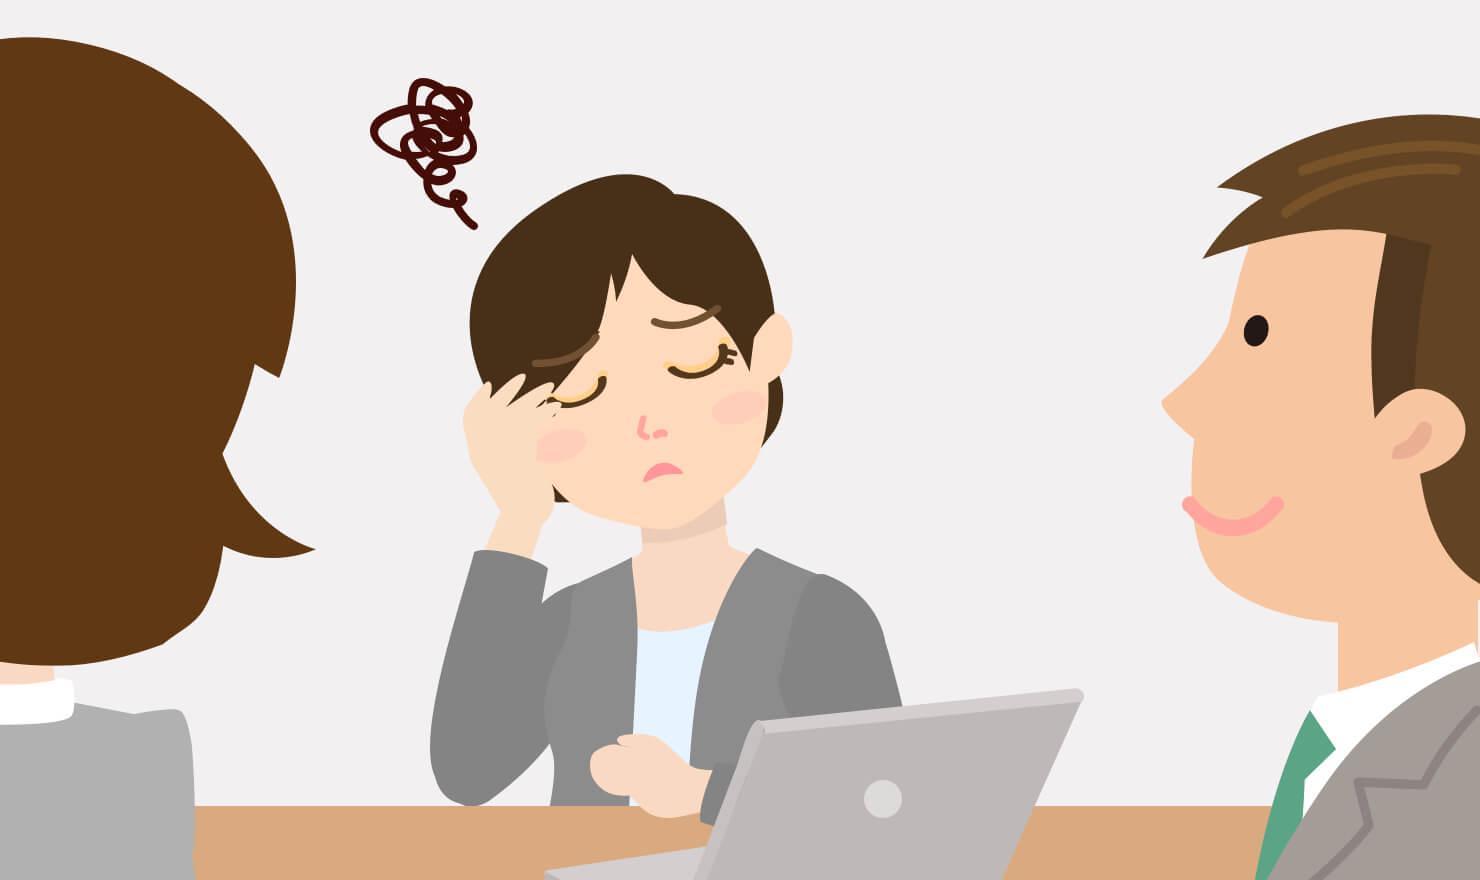 転職で解決できる?「仕事に飽きた」と思った時の対処法